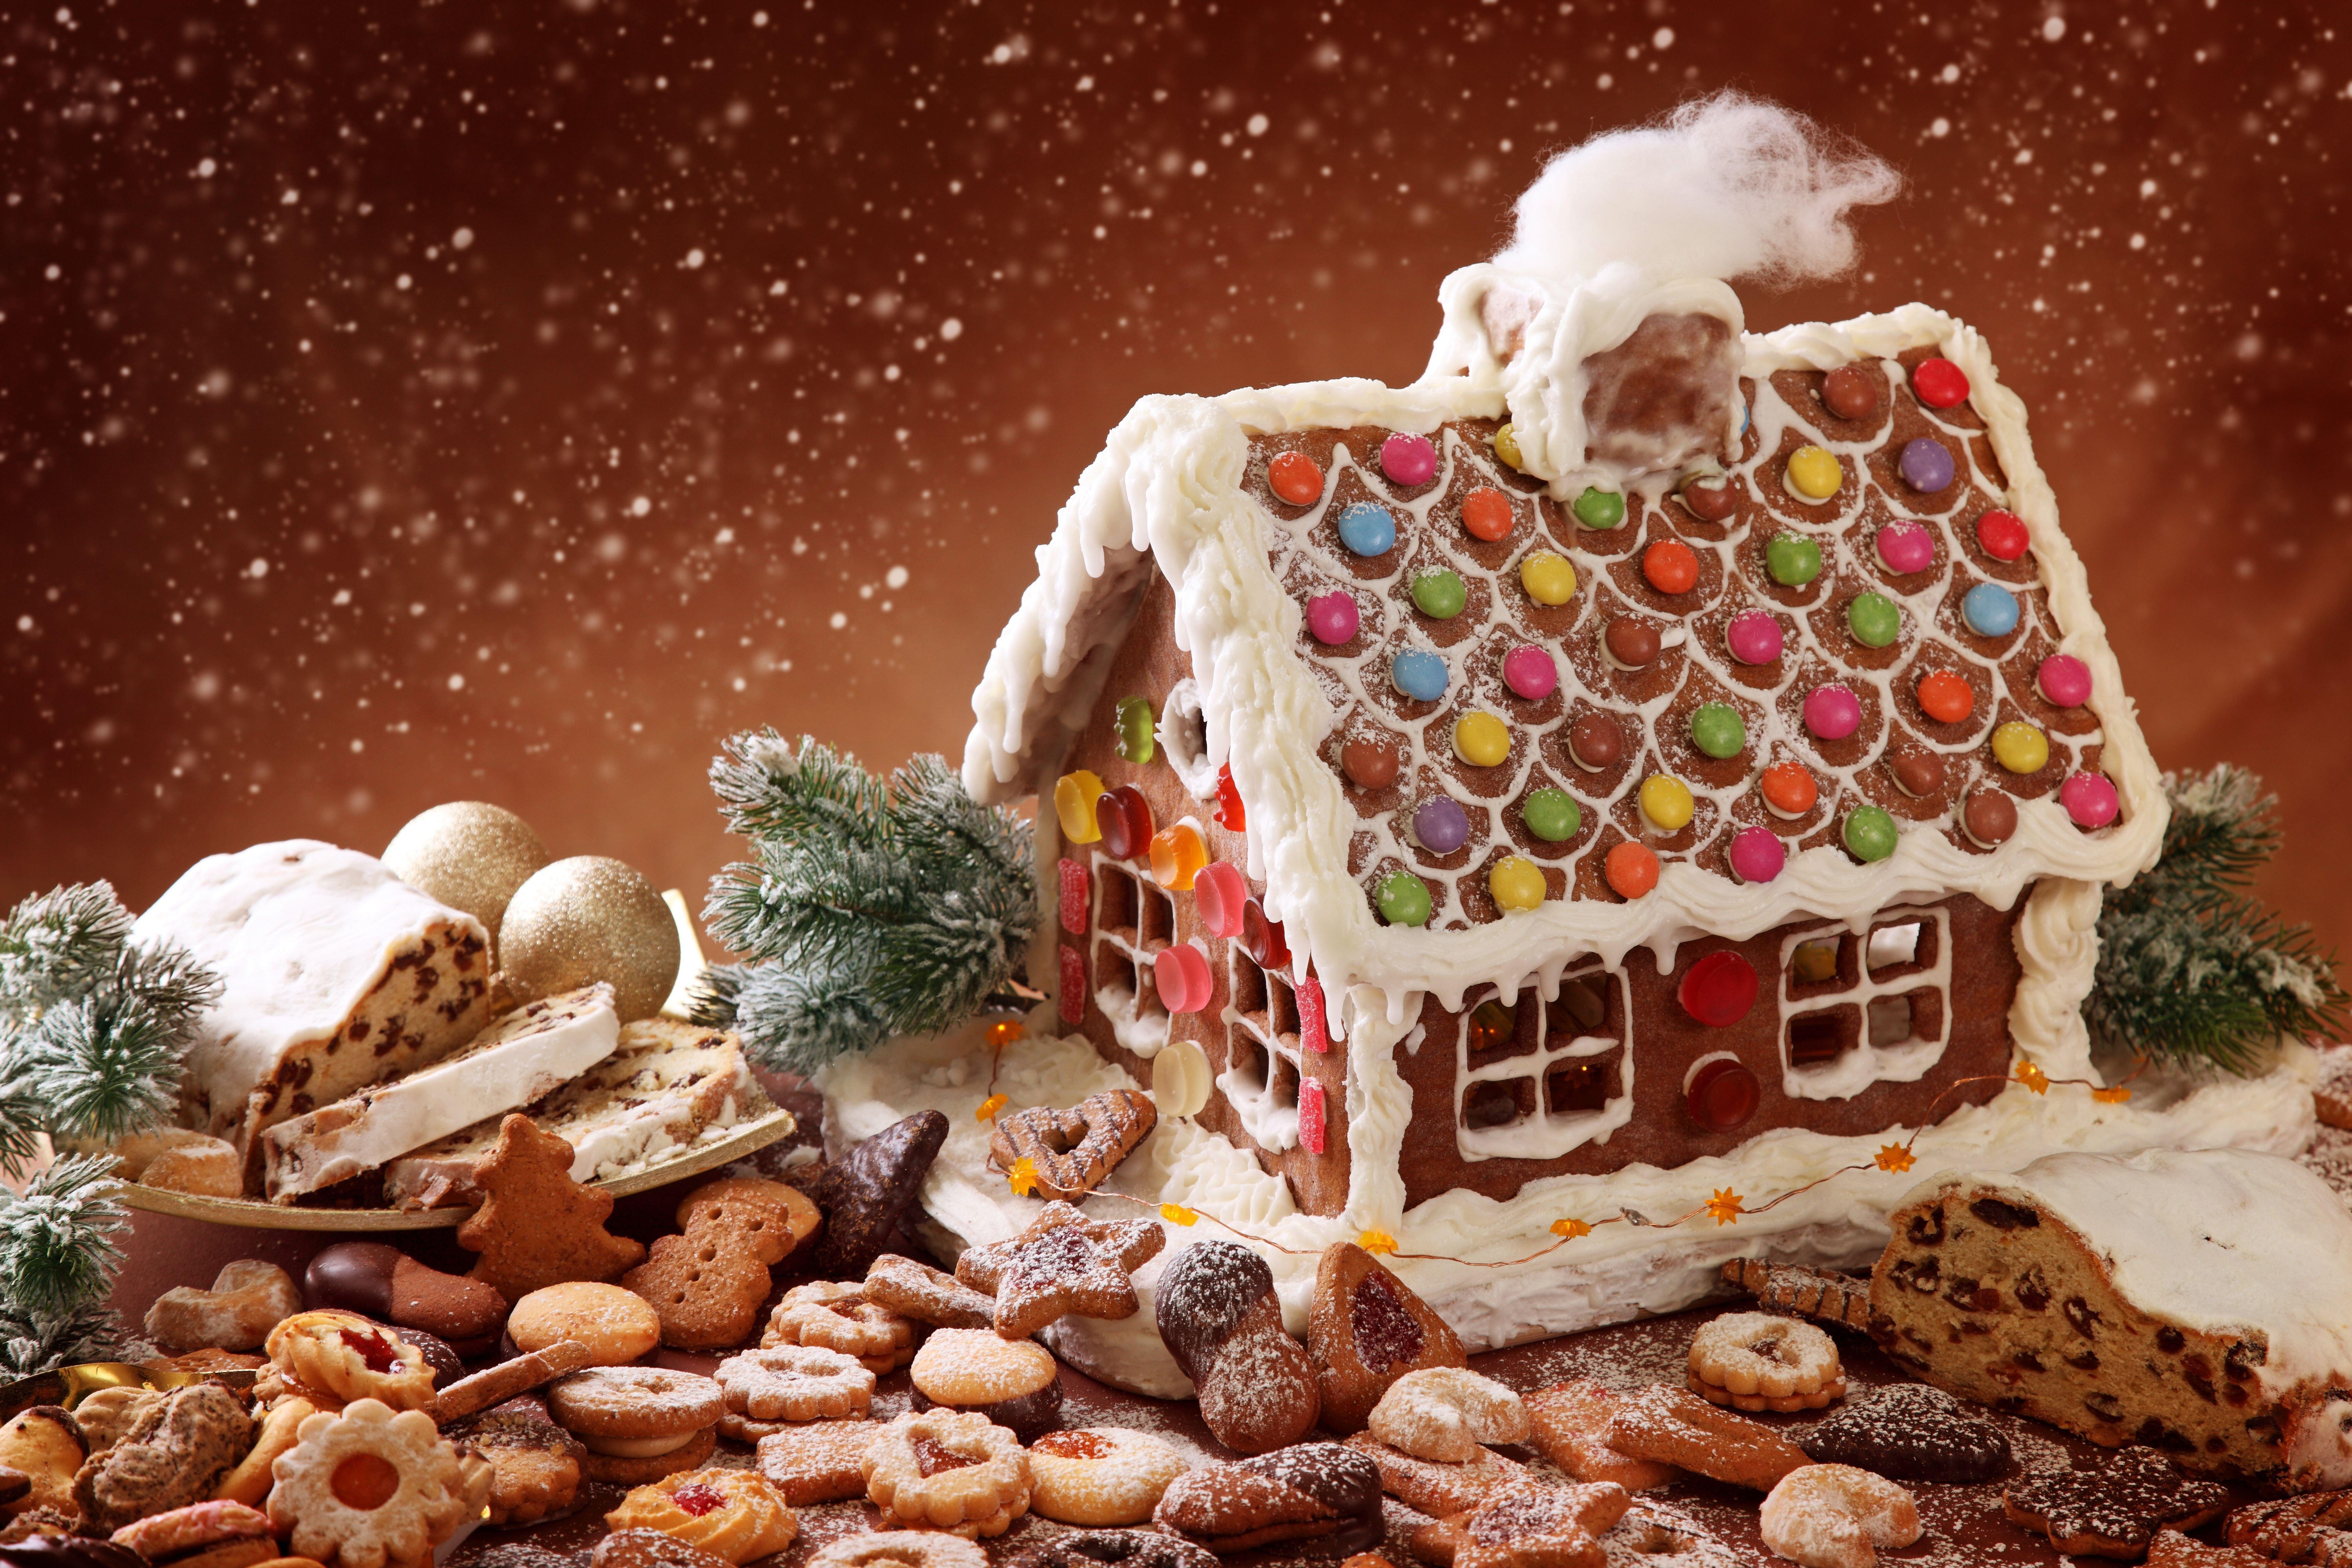 デスクトップ壁紙 7700x5133 Px ベーキング ケーキ クリスマス クッキー 国 ジンジャーブレッド 休日 ロッジ マジック パウダー 降雪 スポンジ お菓子 冬 7700x5133 Wallhaven デスクトップ壁紙 Wallhere